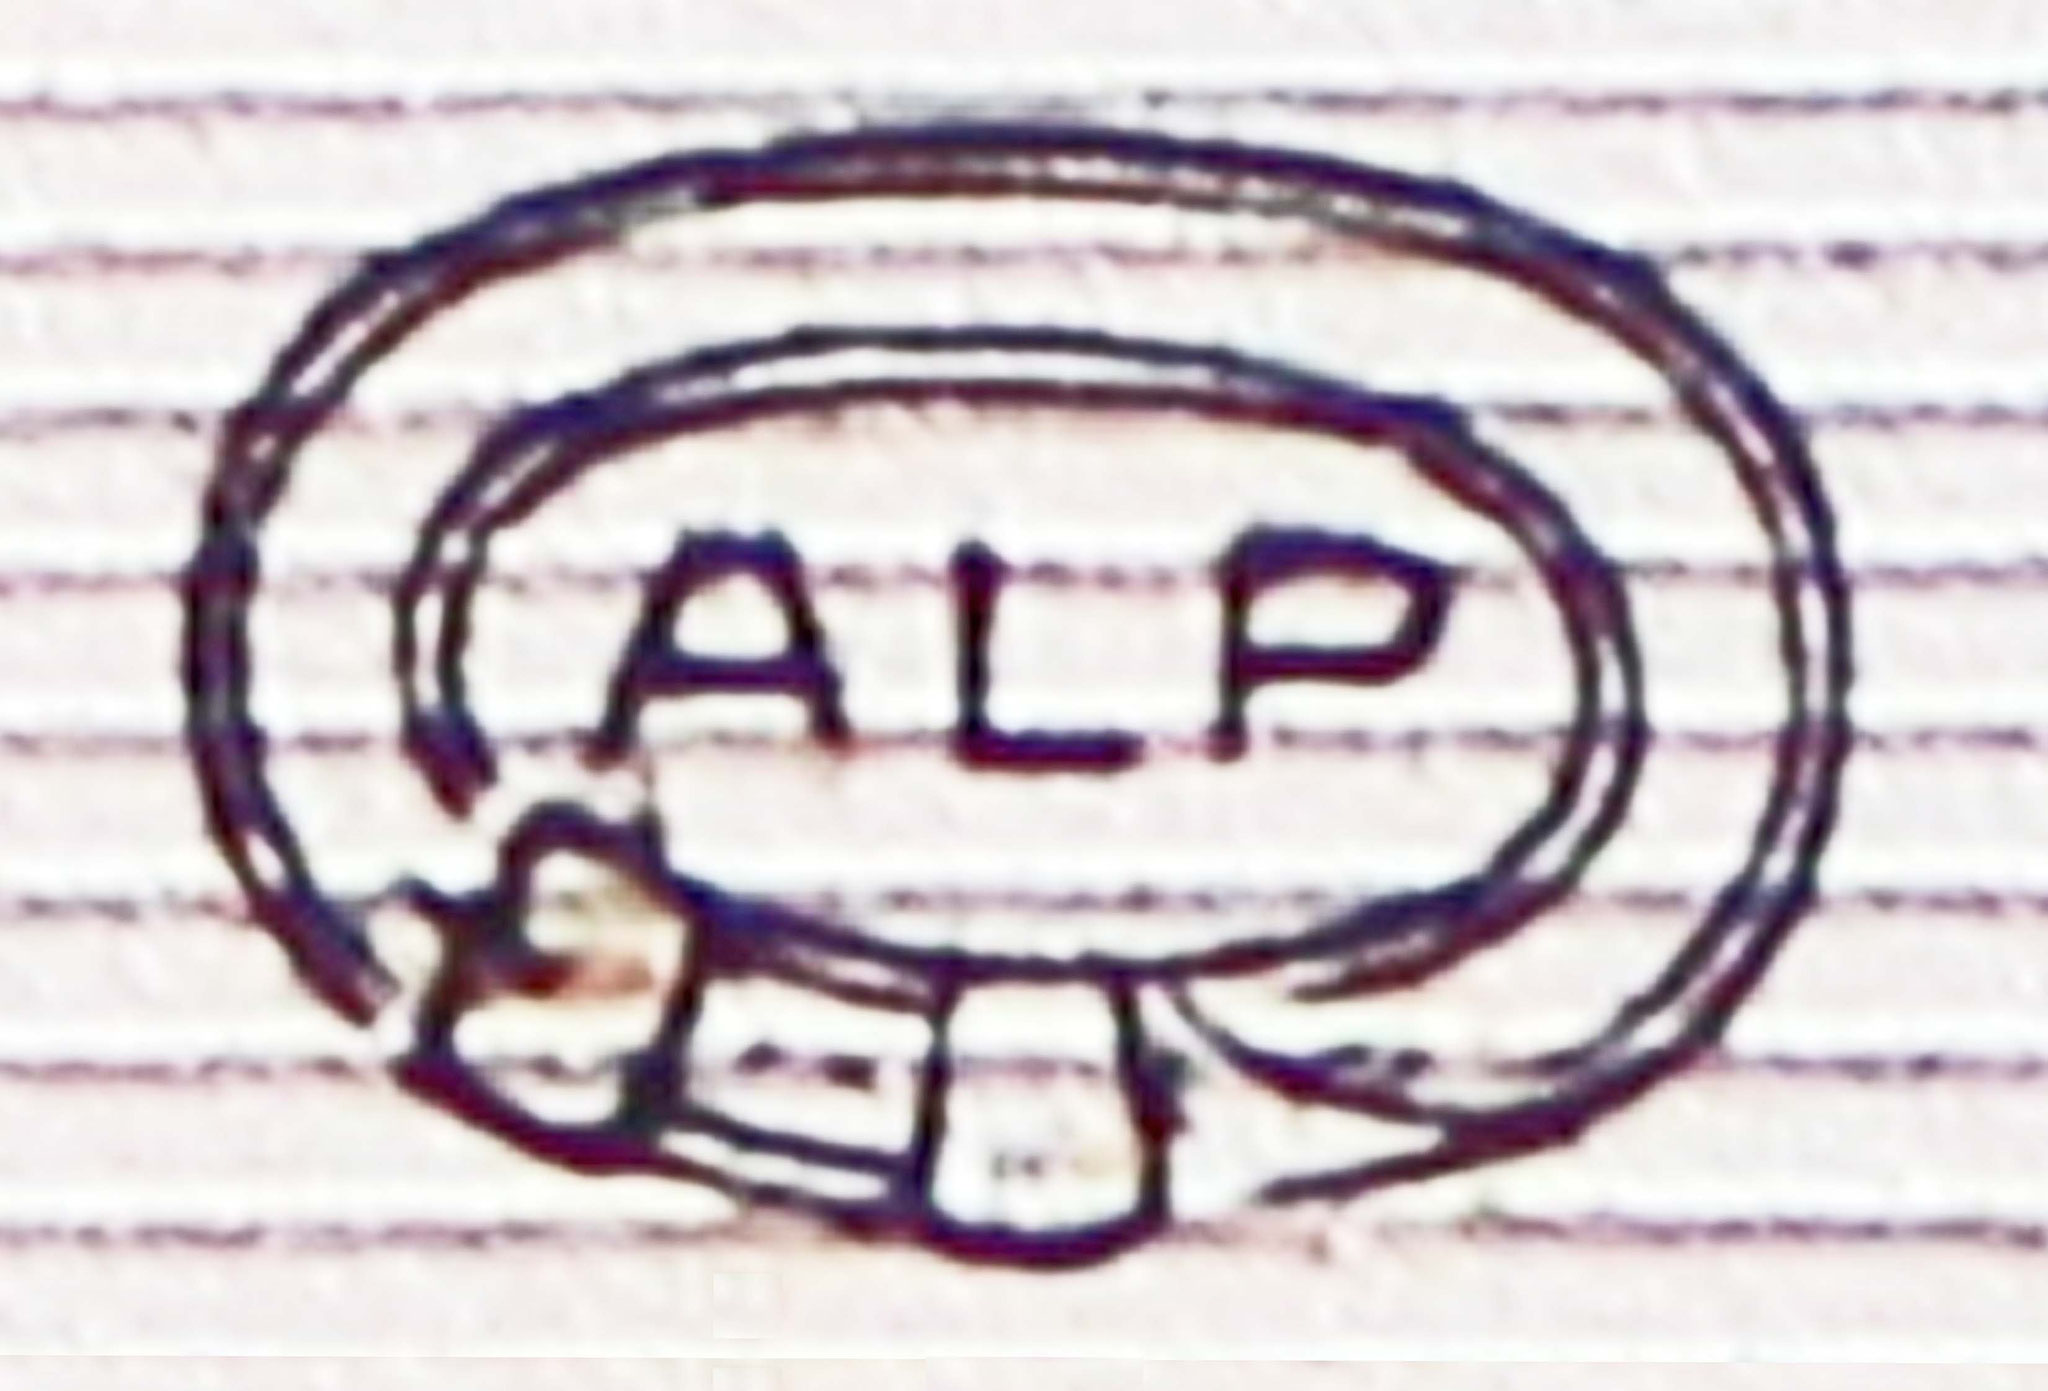 Schutzmarke der Firma A. Lange Pforzheim